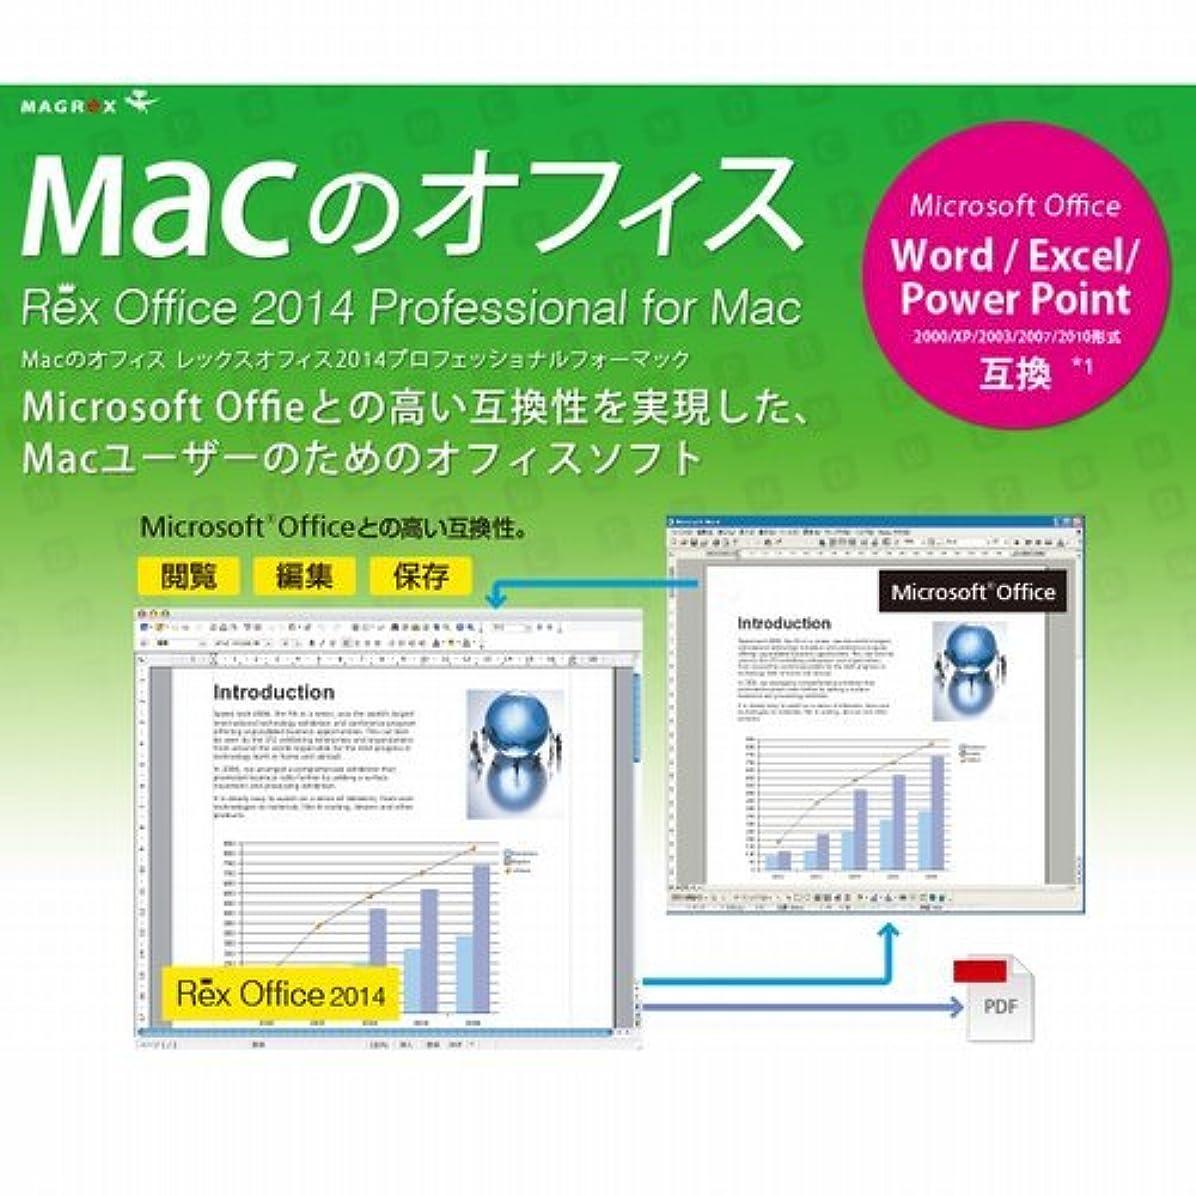 外出テクニカル定説Macのオフィス Rex Office 2014 Professional for Mac [ダウンロード]